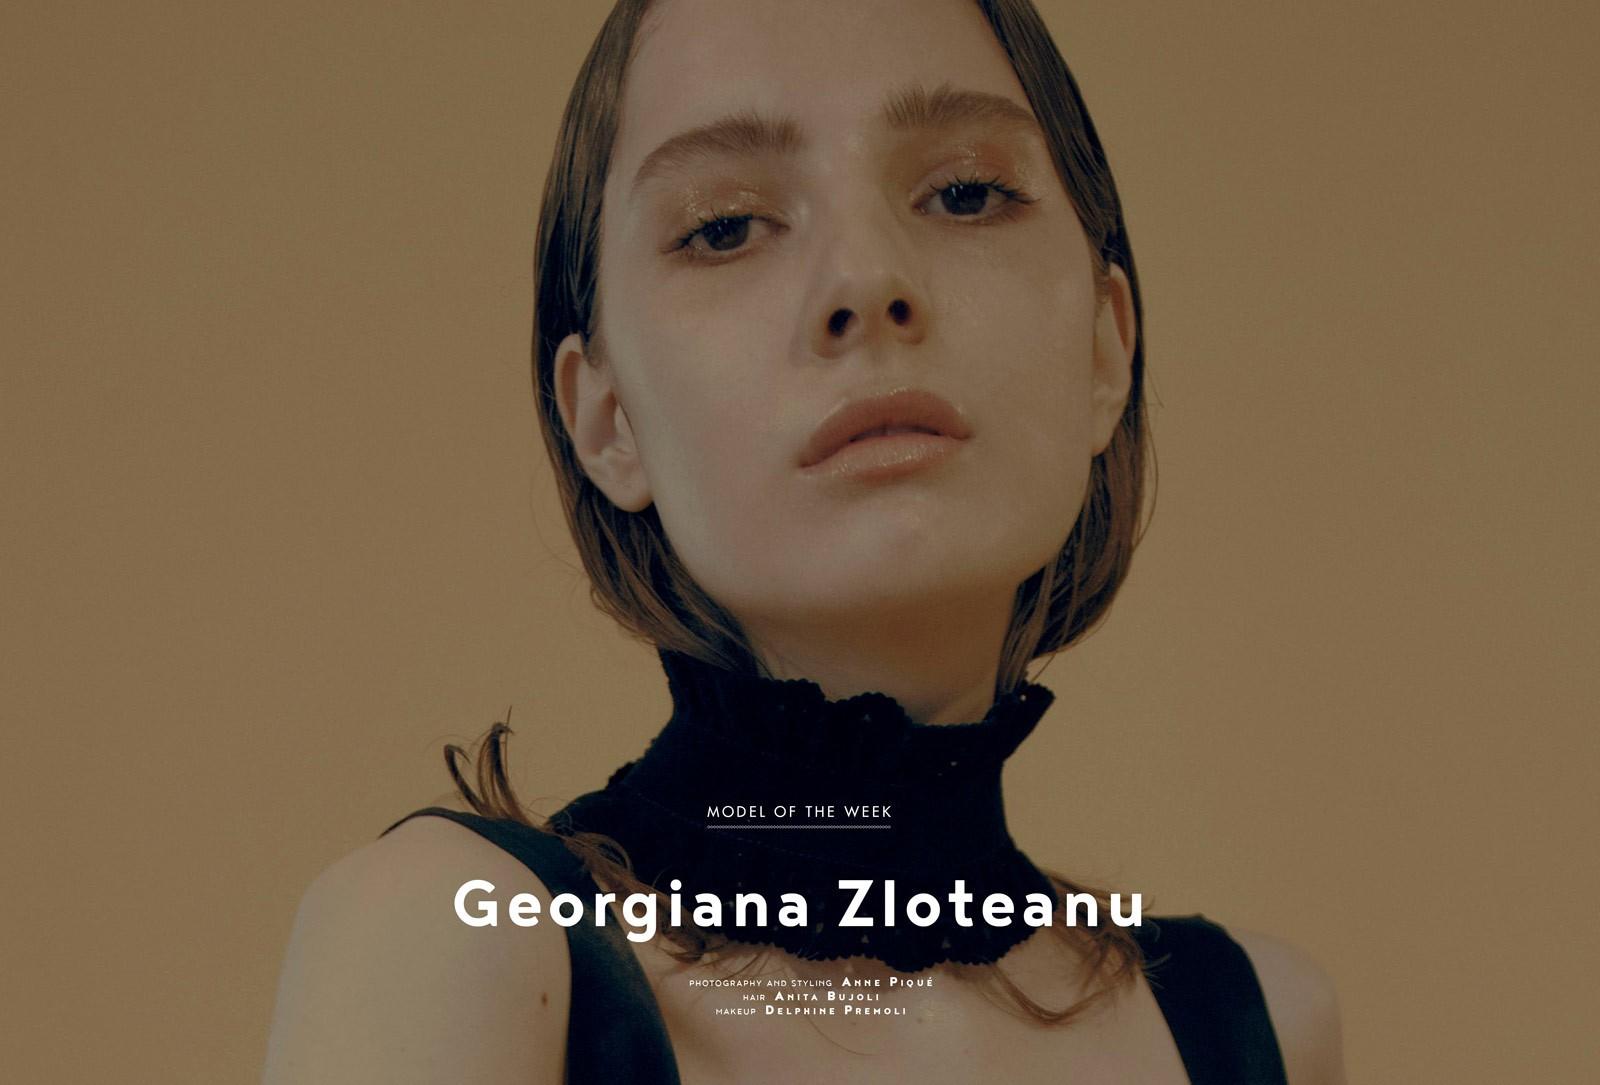 MOTW_GeorgianaZloteanu_Women_web-1600_01